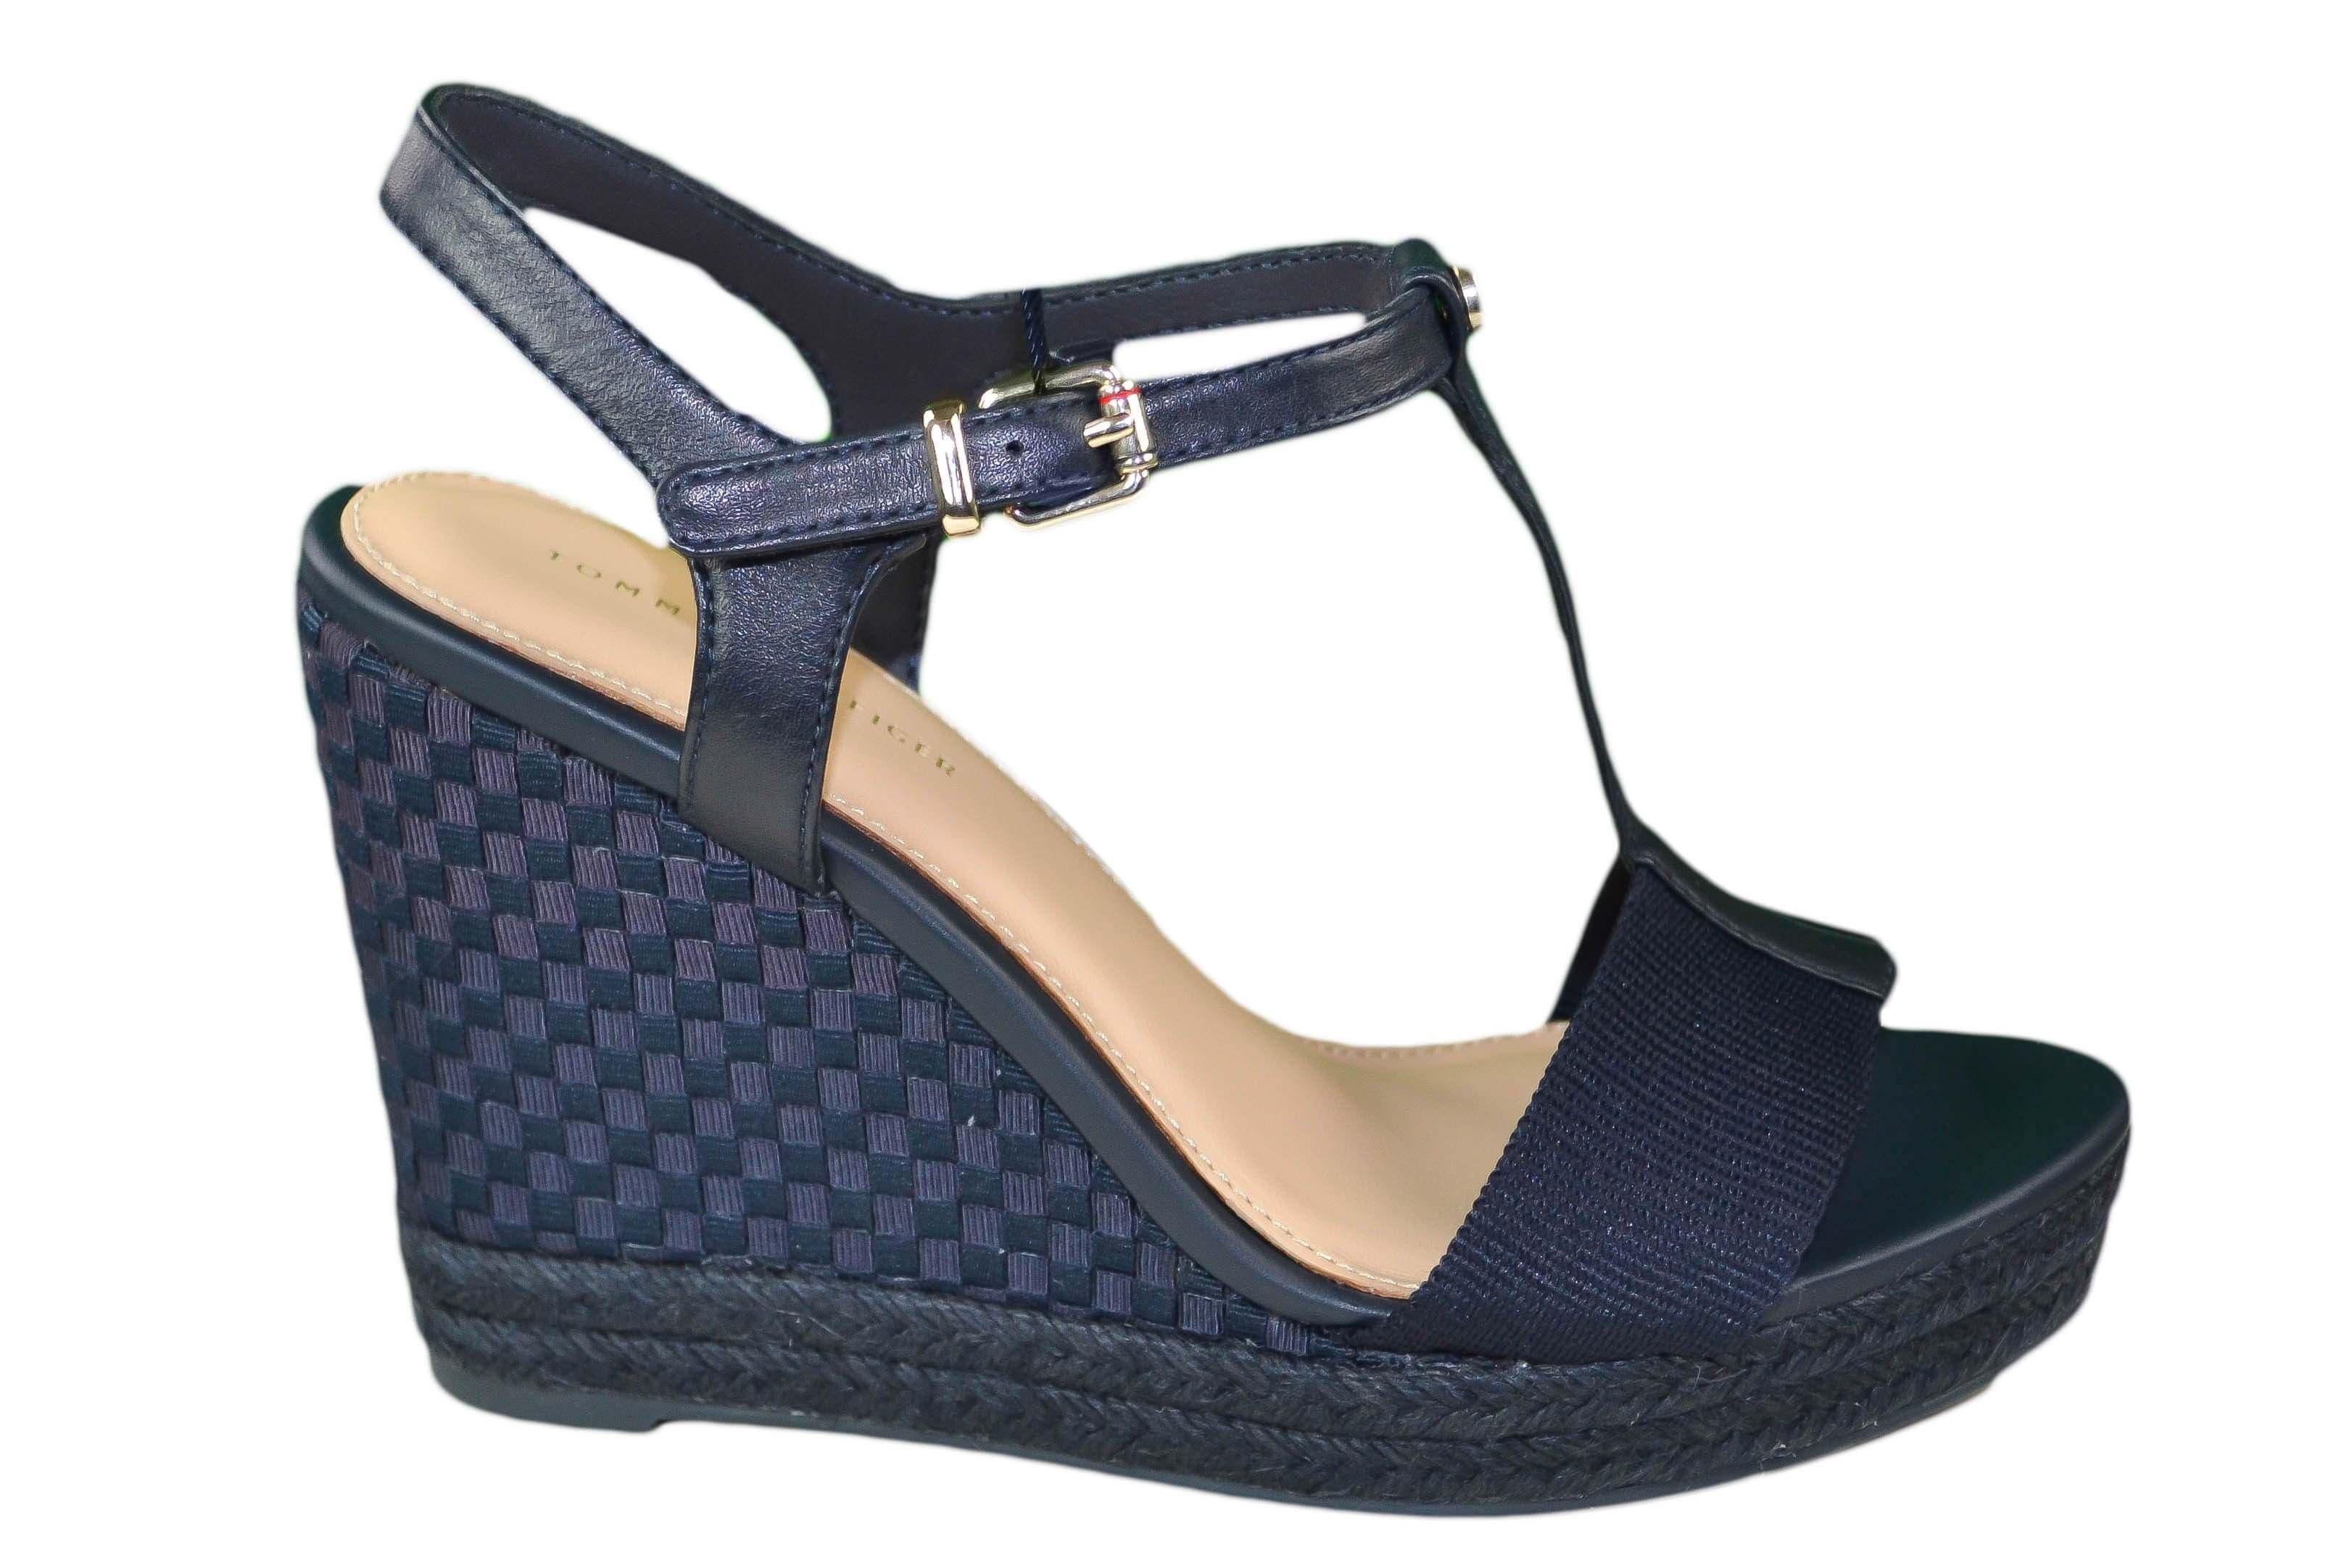 98c73c53e98fdd Chaussures compensées Tommy Hilfiger Elena Pop bleu marine pour fem...